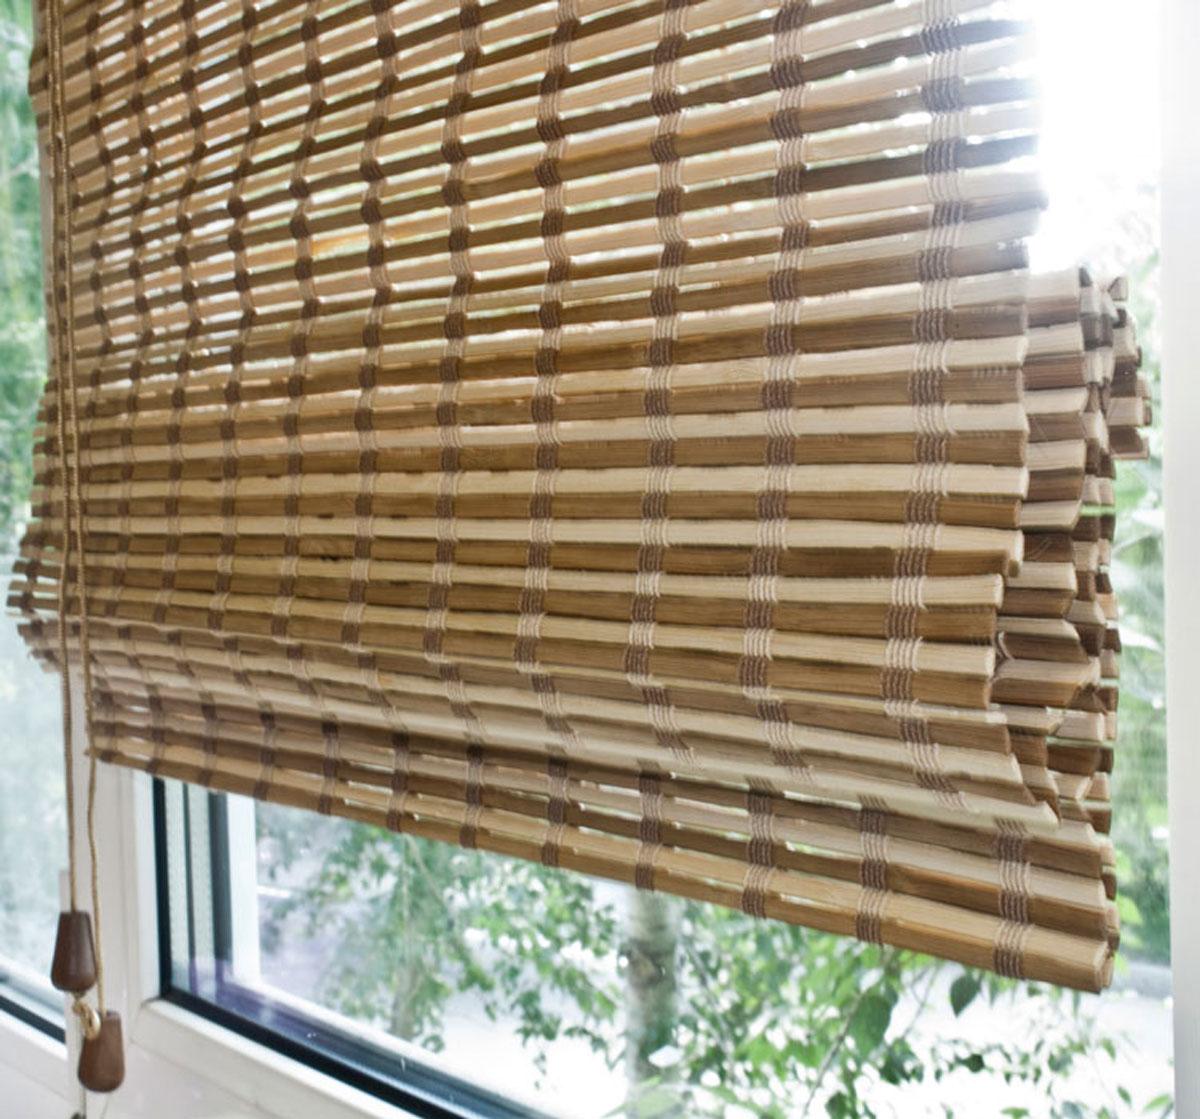 Римская штора Эскар, бамбуковая, цвет: коричневый, бежевый, ширина 80 см, высота 160 см72959080160Римская штора Эскар, выполненная из натурального бамбука, является оригинальным современным аксессуаром для создания необычного интерьера в восточном или минималистичном стиле. Римская бамбуковая штора, как и тканевая римская штора, при поднятии образует крупные складки, которые прекрасно декорируют окно. Особенность устройства полотна позволяет свободно пропускать дневной свет, что обеспечивает мягкое освещение комнаты. Римская штора из натурального влагоустойчивого материала легко вписывается в любой интерьер, хорошо сочетается с различной мебелью и элементами отделки. Использование бамбукового полотна придает помещению необычный вид и визуально расширяет пространство. Бамбуковые шторы требуют только сухого ухода: пылесосом, щеткой, веником или влажной (но не мокрой!) губкой. Комплект для монтажа прилагается.